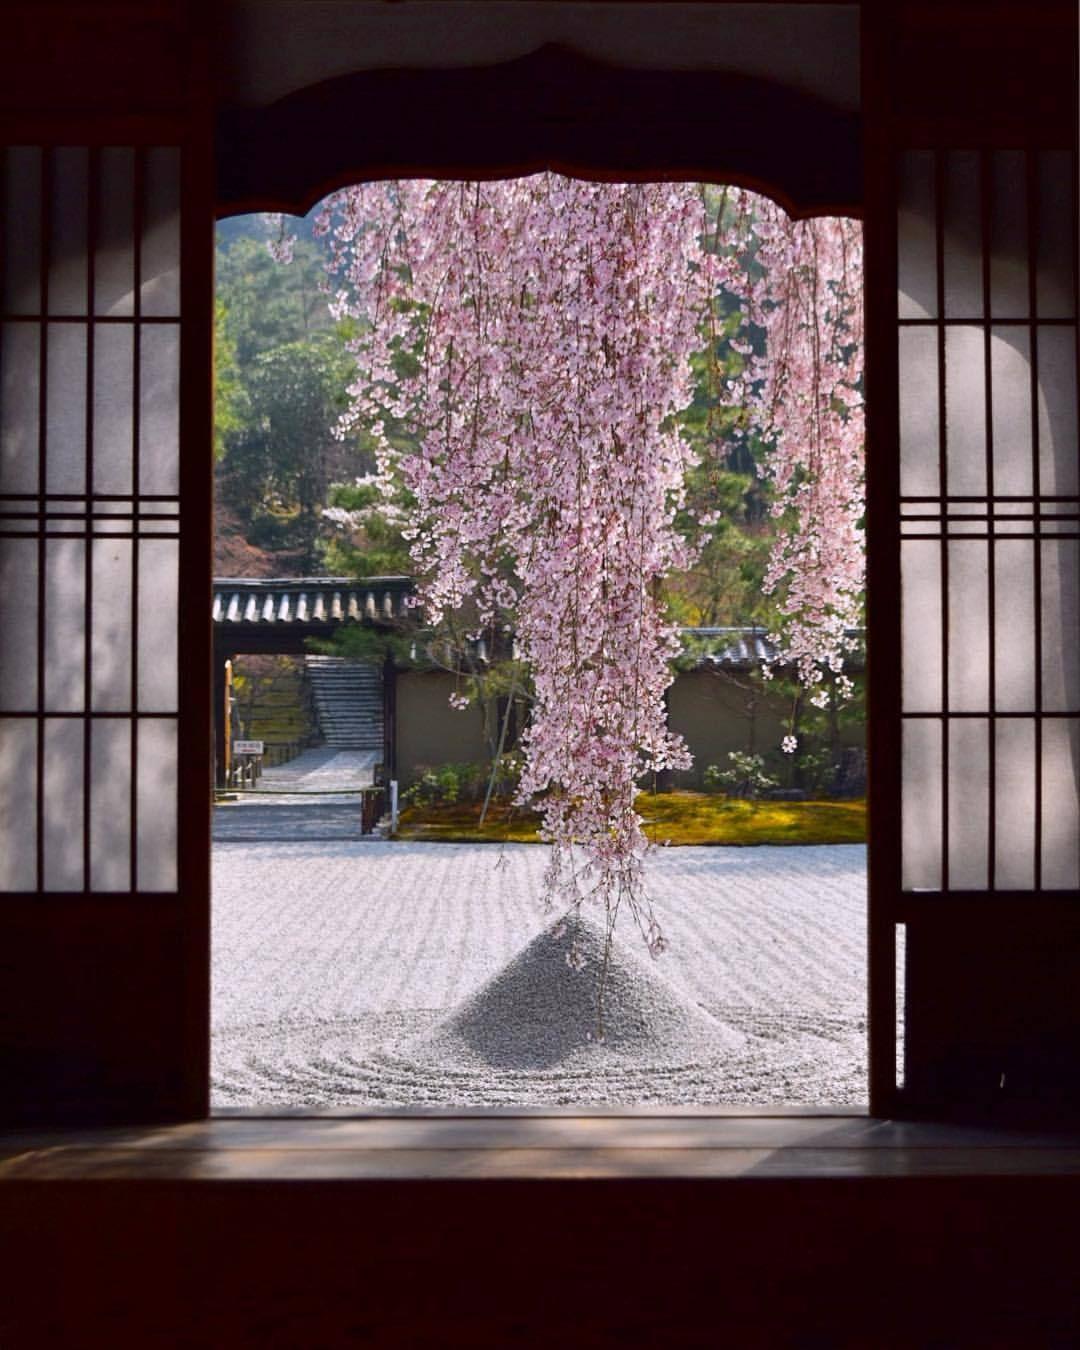 ' ' 【京都の桜】高台寺 ' 2018.3.27撮影 ' #kyoto #京都 #高台寺 #cherryblossom #桜 #team_jp_ #gf_japan #igersjp #ig_japan #ig_nippon #wu_japan #loves_nippon #lovers_nippon #japanfocus #icu_japan #wonderful_places...